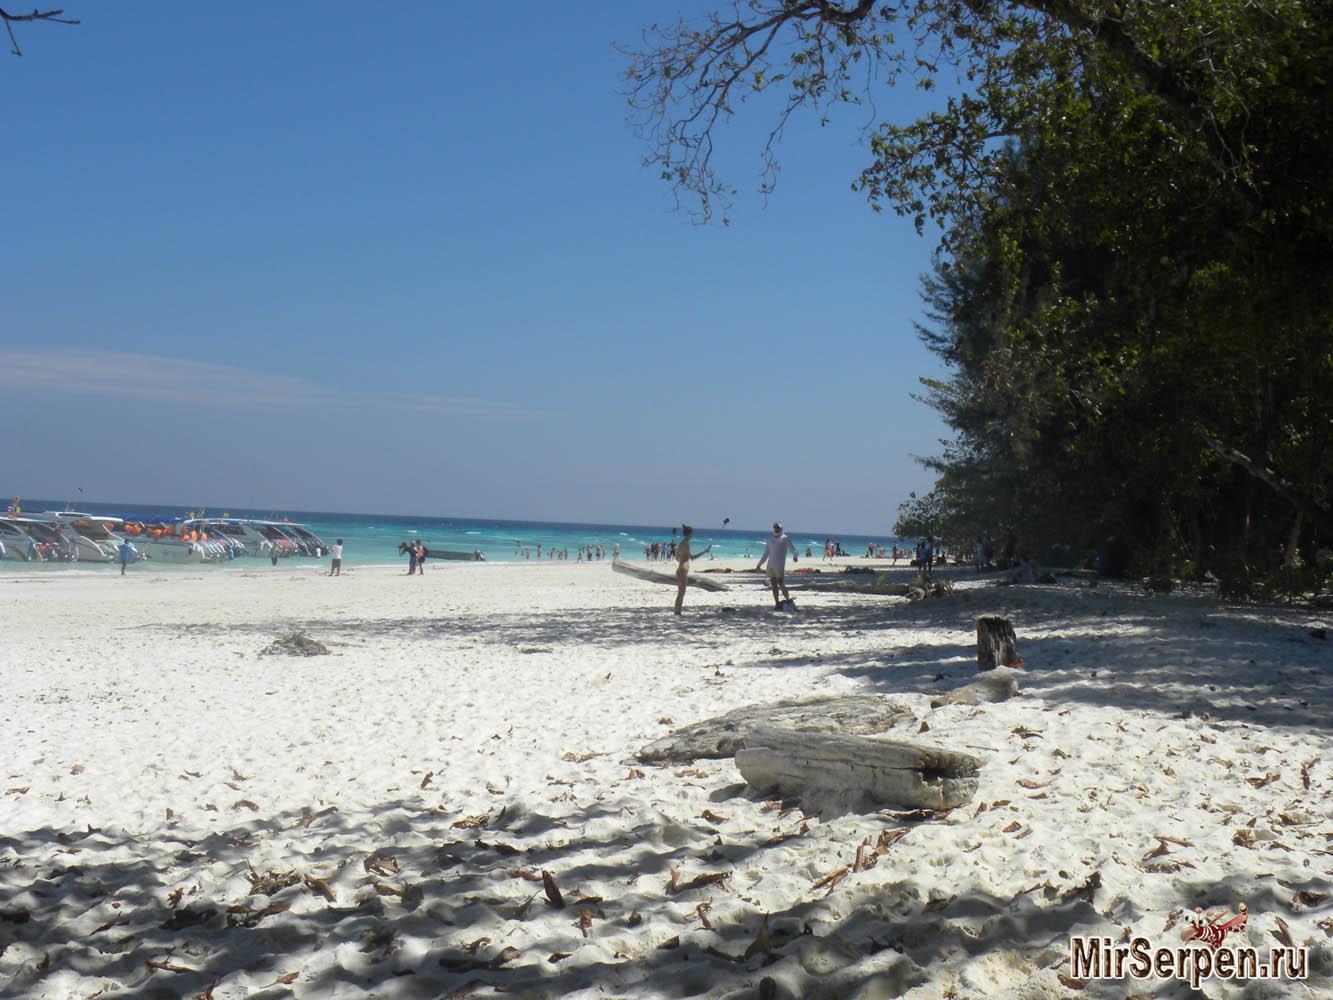 Отдых на островах: мечты и реальность